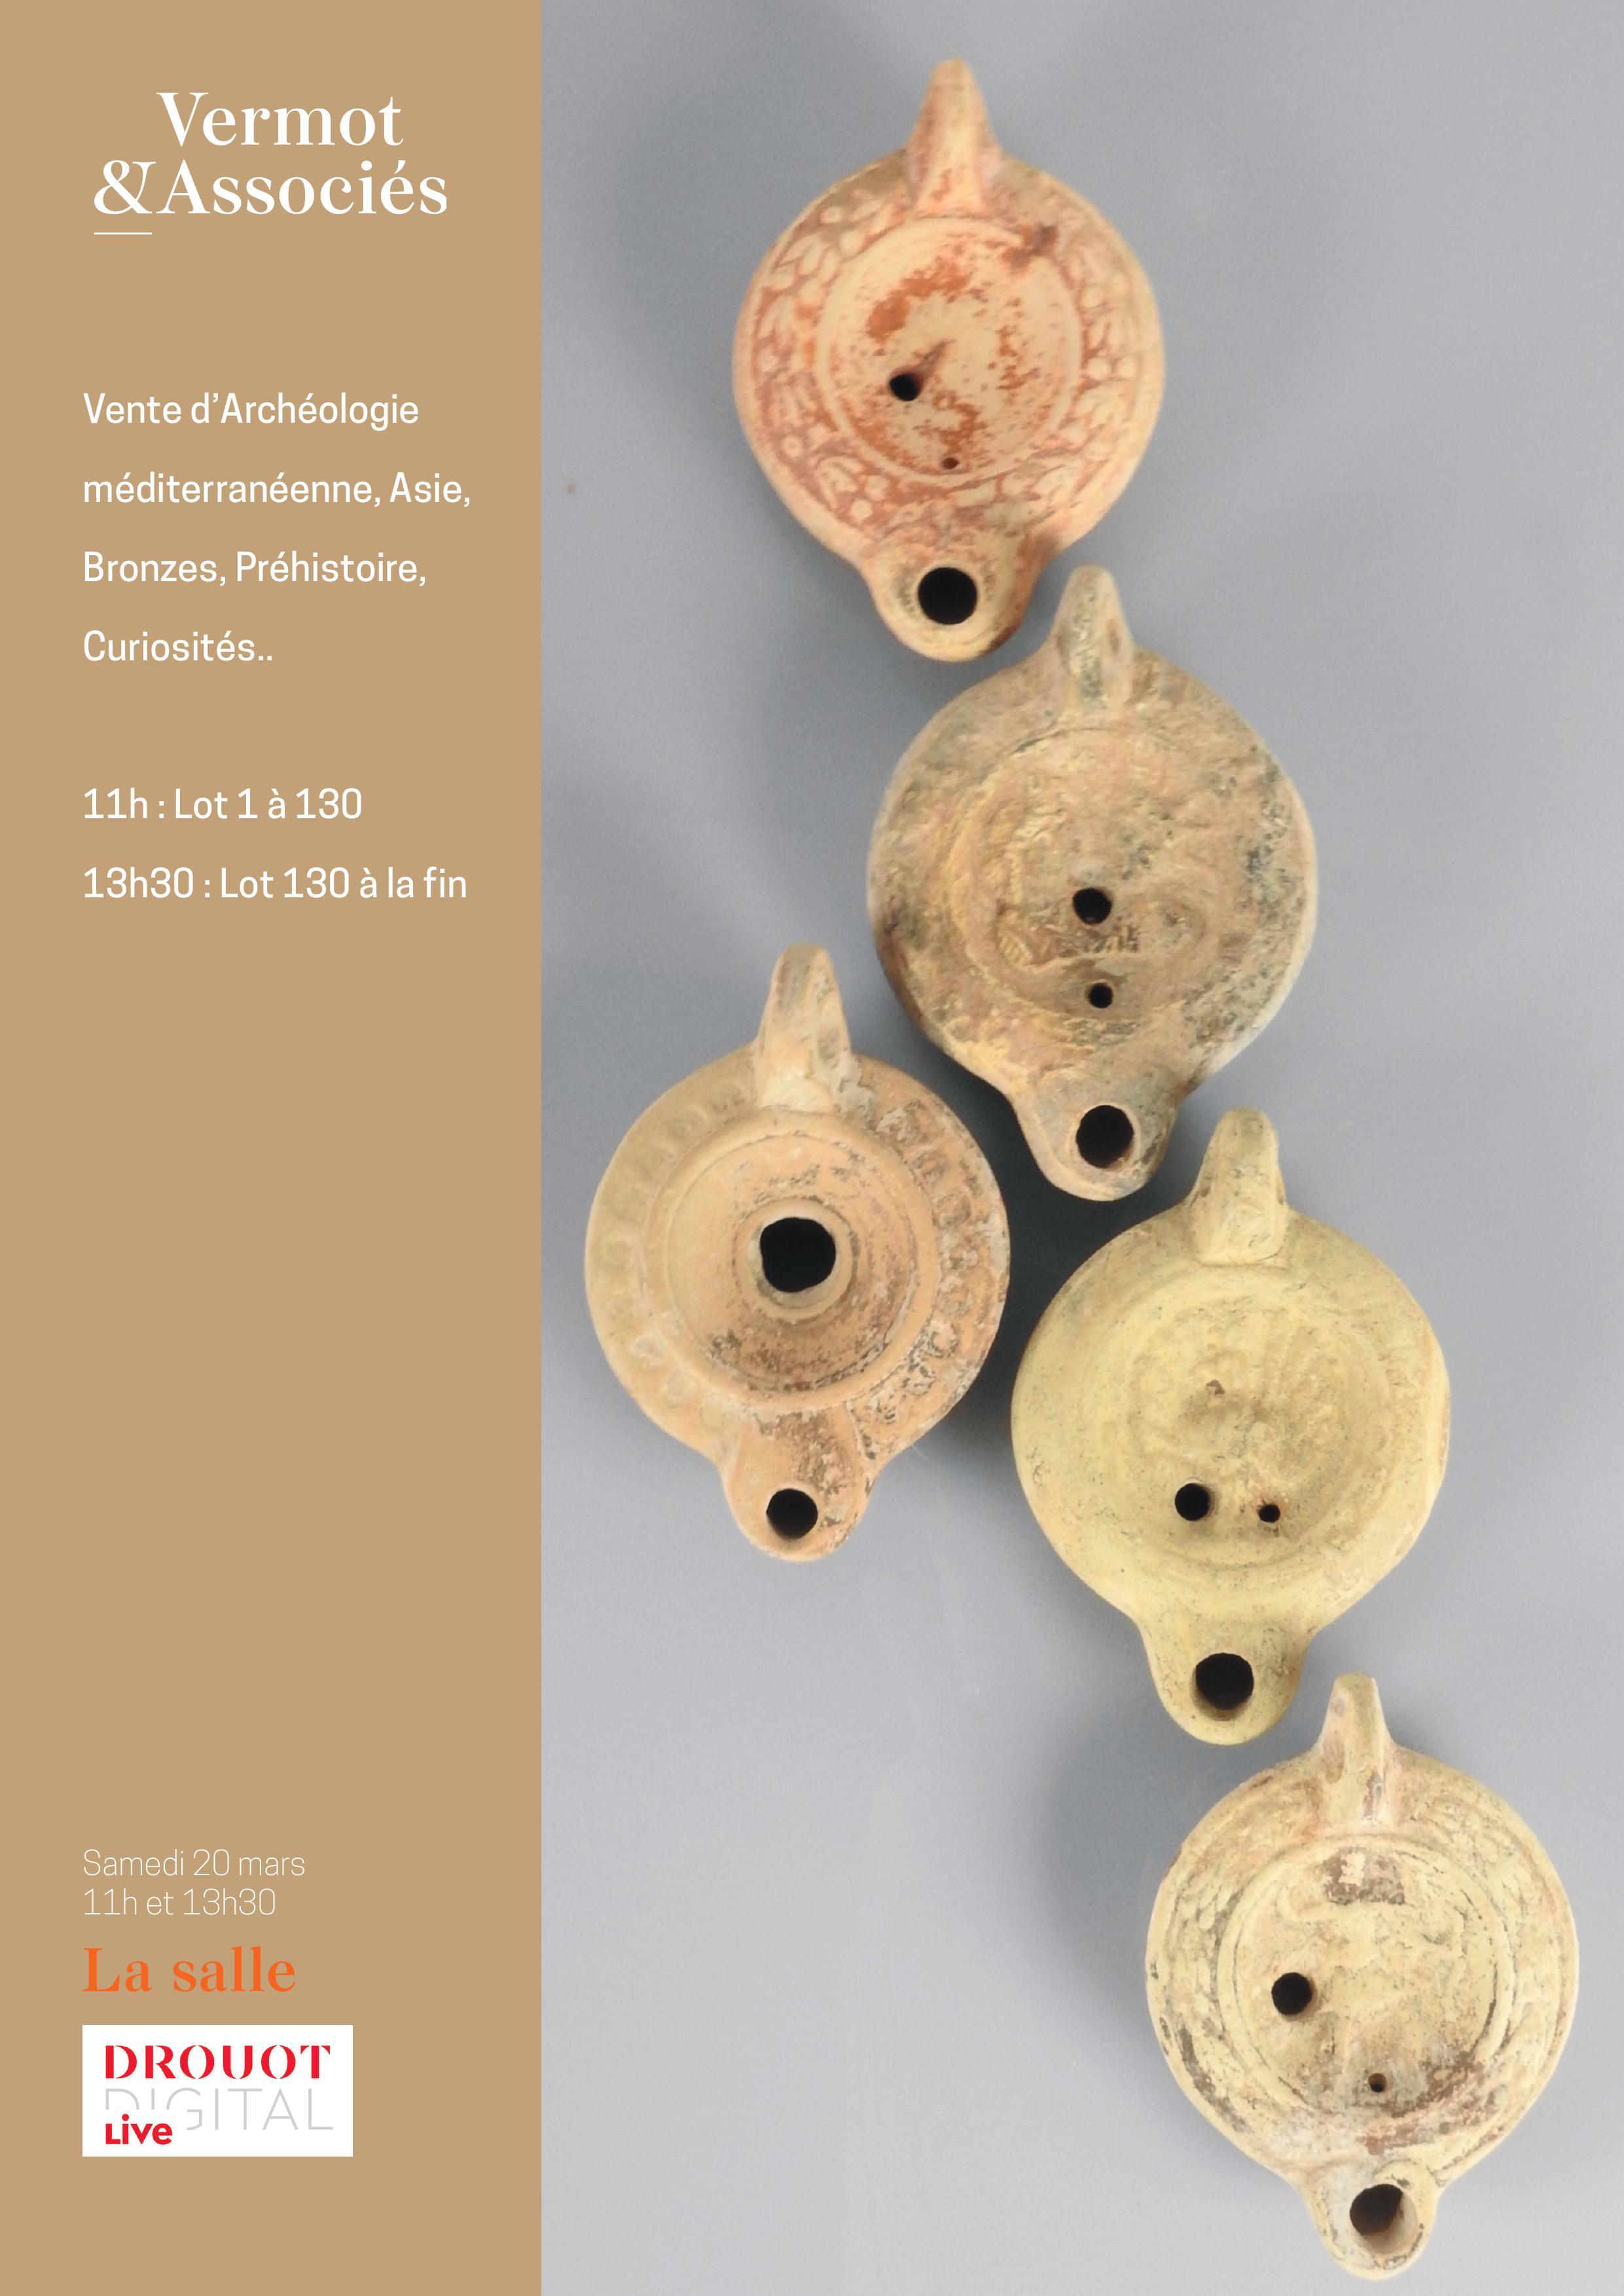 Vente Archéologie Méditerranéenne, Asie, Bronzes, Intailles, Curiosités...  chez Vermot et Associés : 579 lots